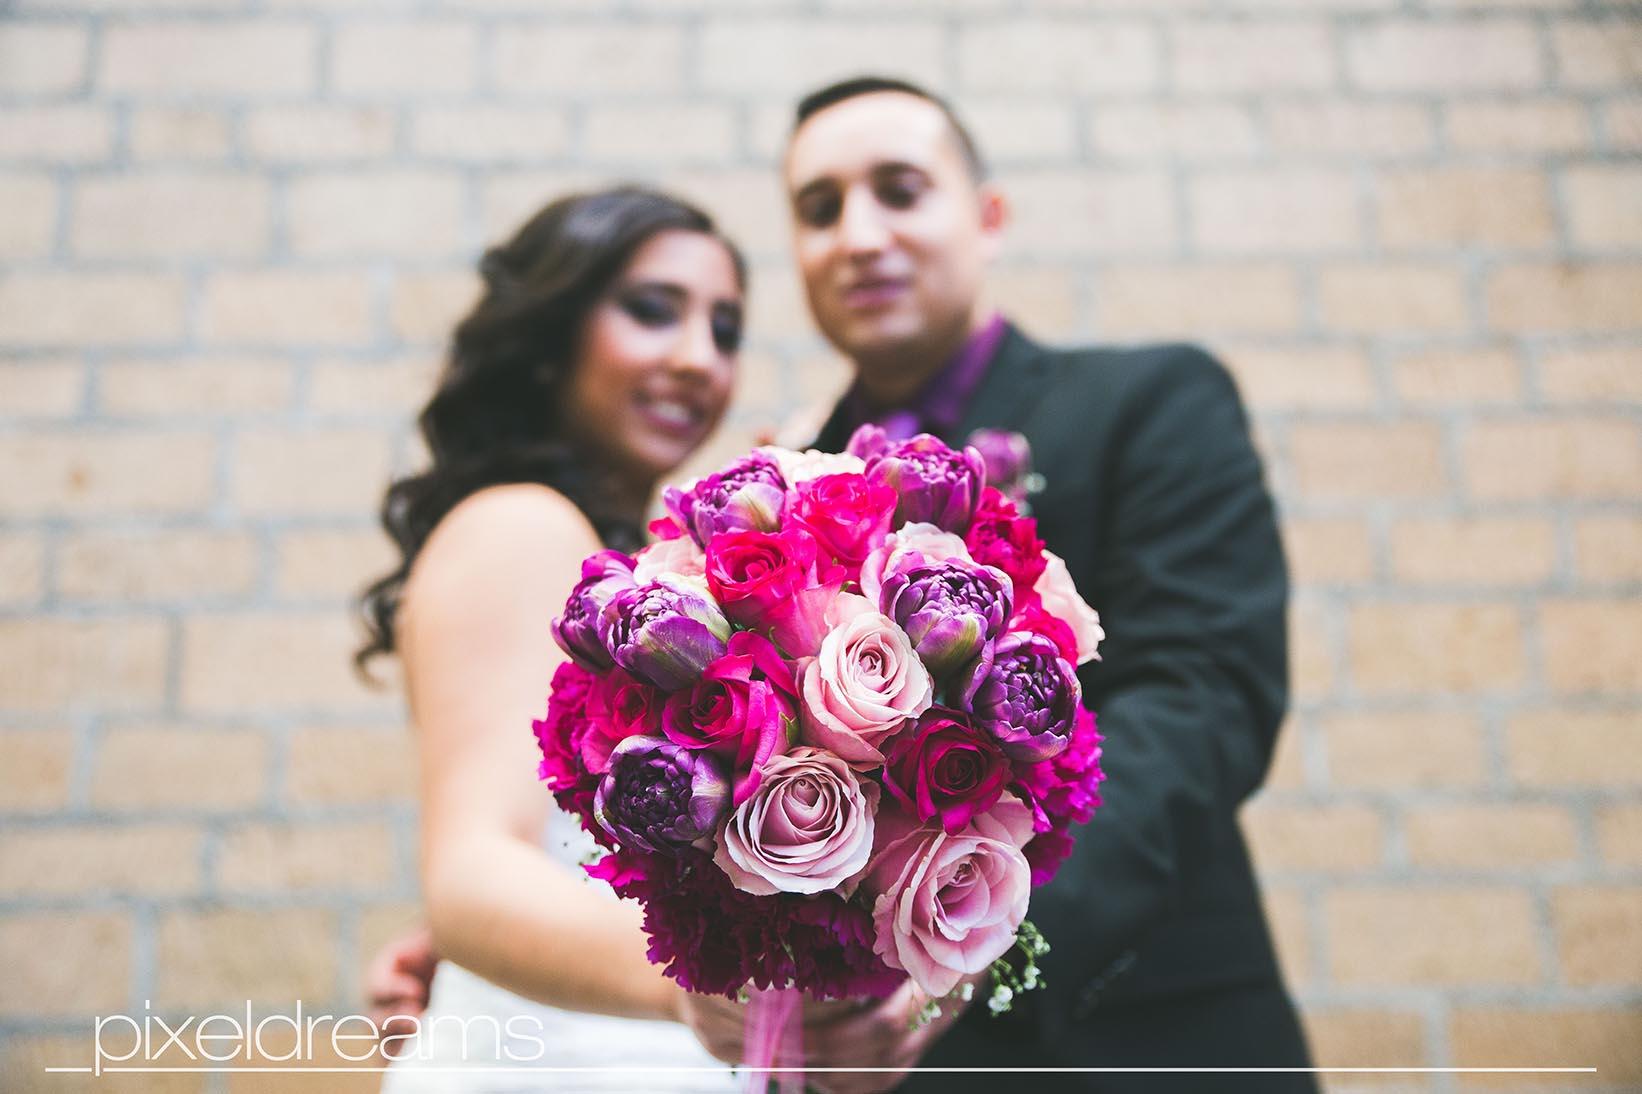 Brautpaar hält Brautstrauß gegen die Kamera, das paar ist in der tiefenunschärfe und der Blumenstrauß im Fokus